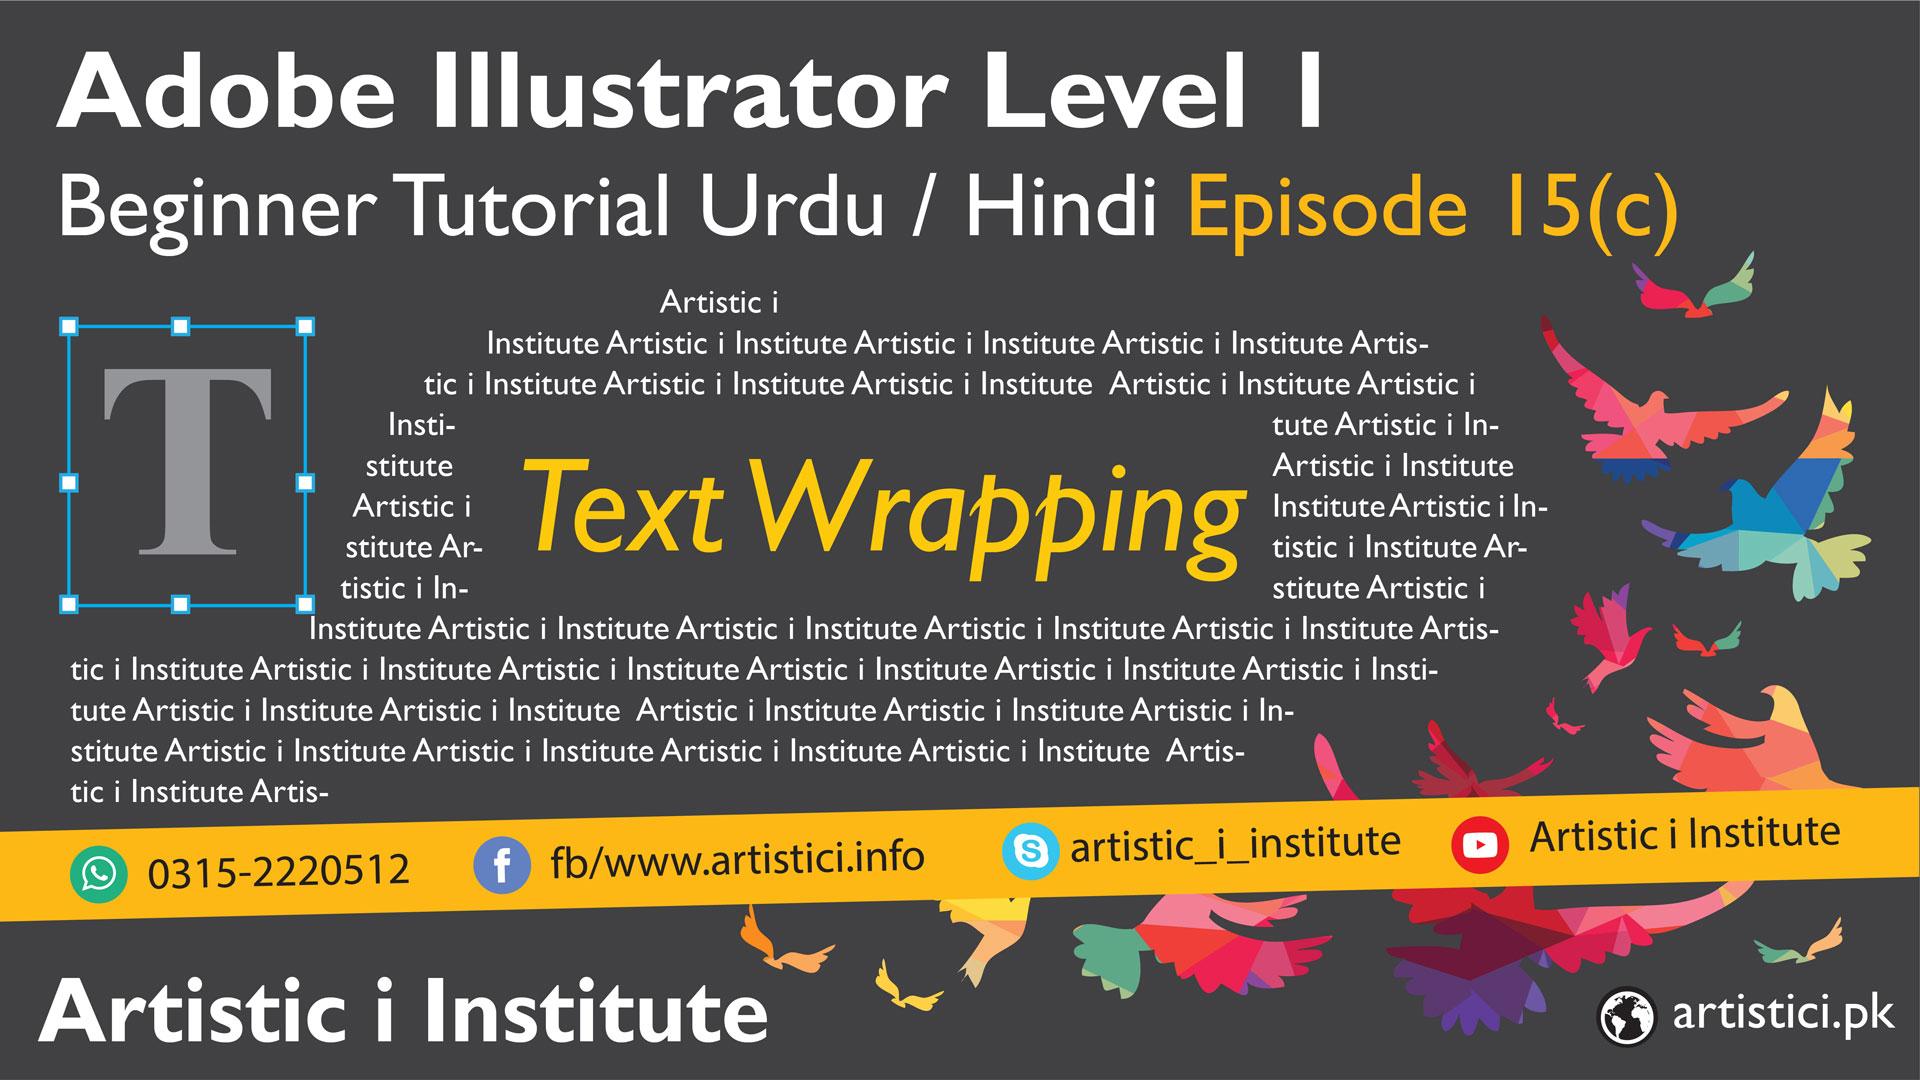 Adobe Illustrator Episode 15(c) - Text Wrapping - Urdu/Hindi